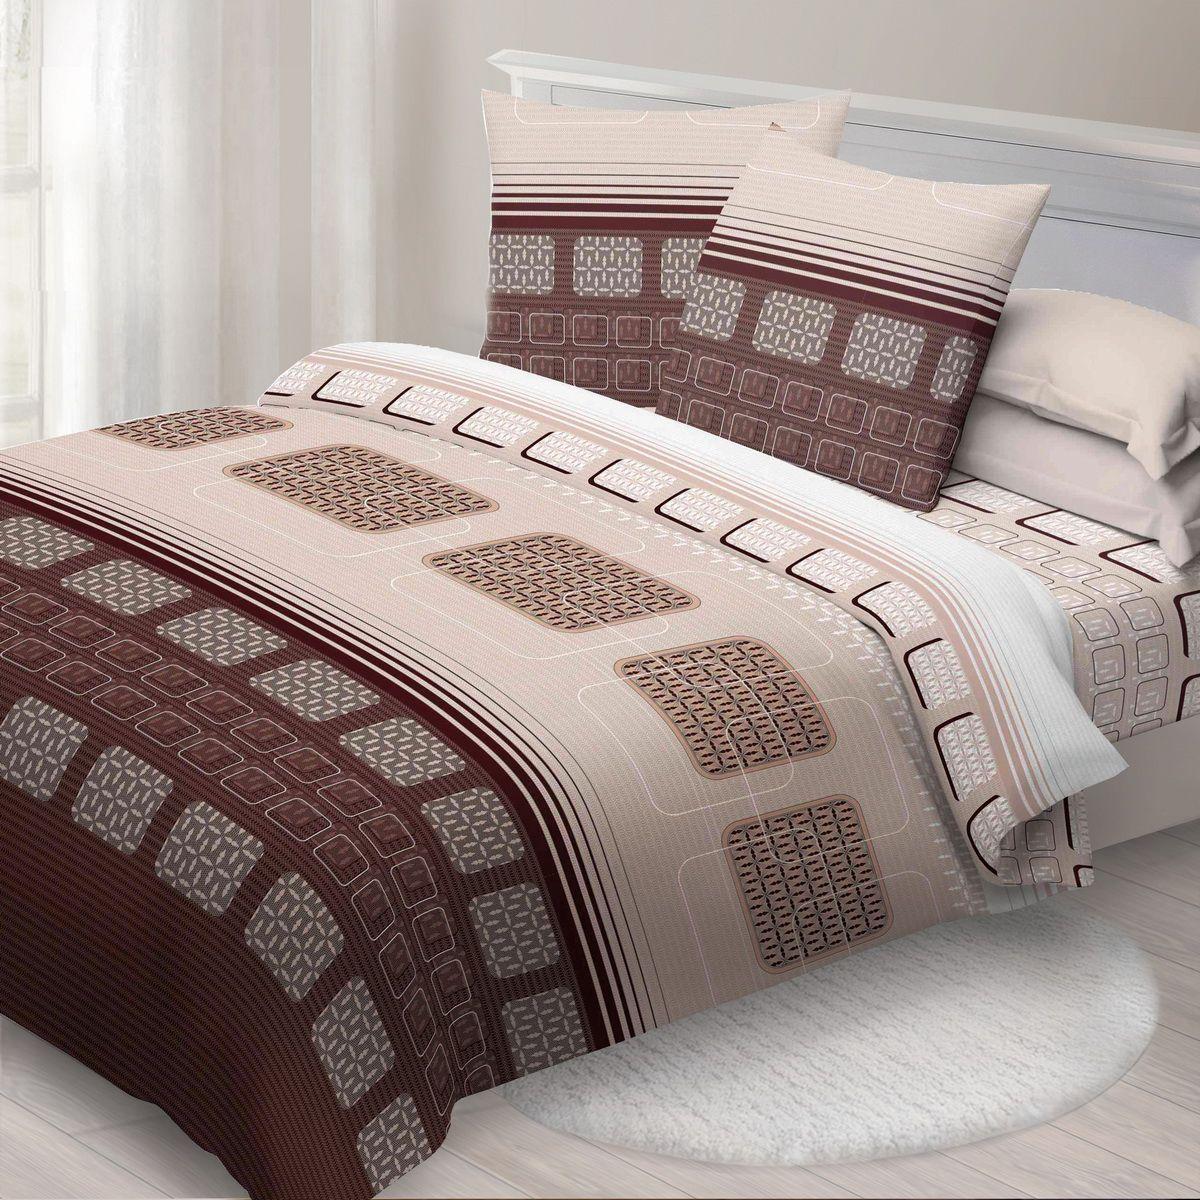 Комплект белья Спал Спалыч Синтез, 2-спальное, наволочки 70x70, цвет: коричневый87873Спал Спалыч - недорогое, но качественное постельное белье из белорусской бязи. Актуальные дизайны, авторская упаковка в сочетании с качественными материалами и приемлемой ценой - залог успеха Спал Спалыча! В ассортименте широкая линейка домашнего текстиля для всей семьи - современные дизайны современному покупателю! Ткань обработана по технологии PERFECT WAY - благодаря чему, она становится более гладкой и шелковистой.• Бязь Барановичи 100% хлопок • Плотность ткани - 125 гр/кв.м.Советы по выбору постельного белья от блогера Ирины Соковых. Статья OZON Гид